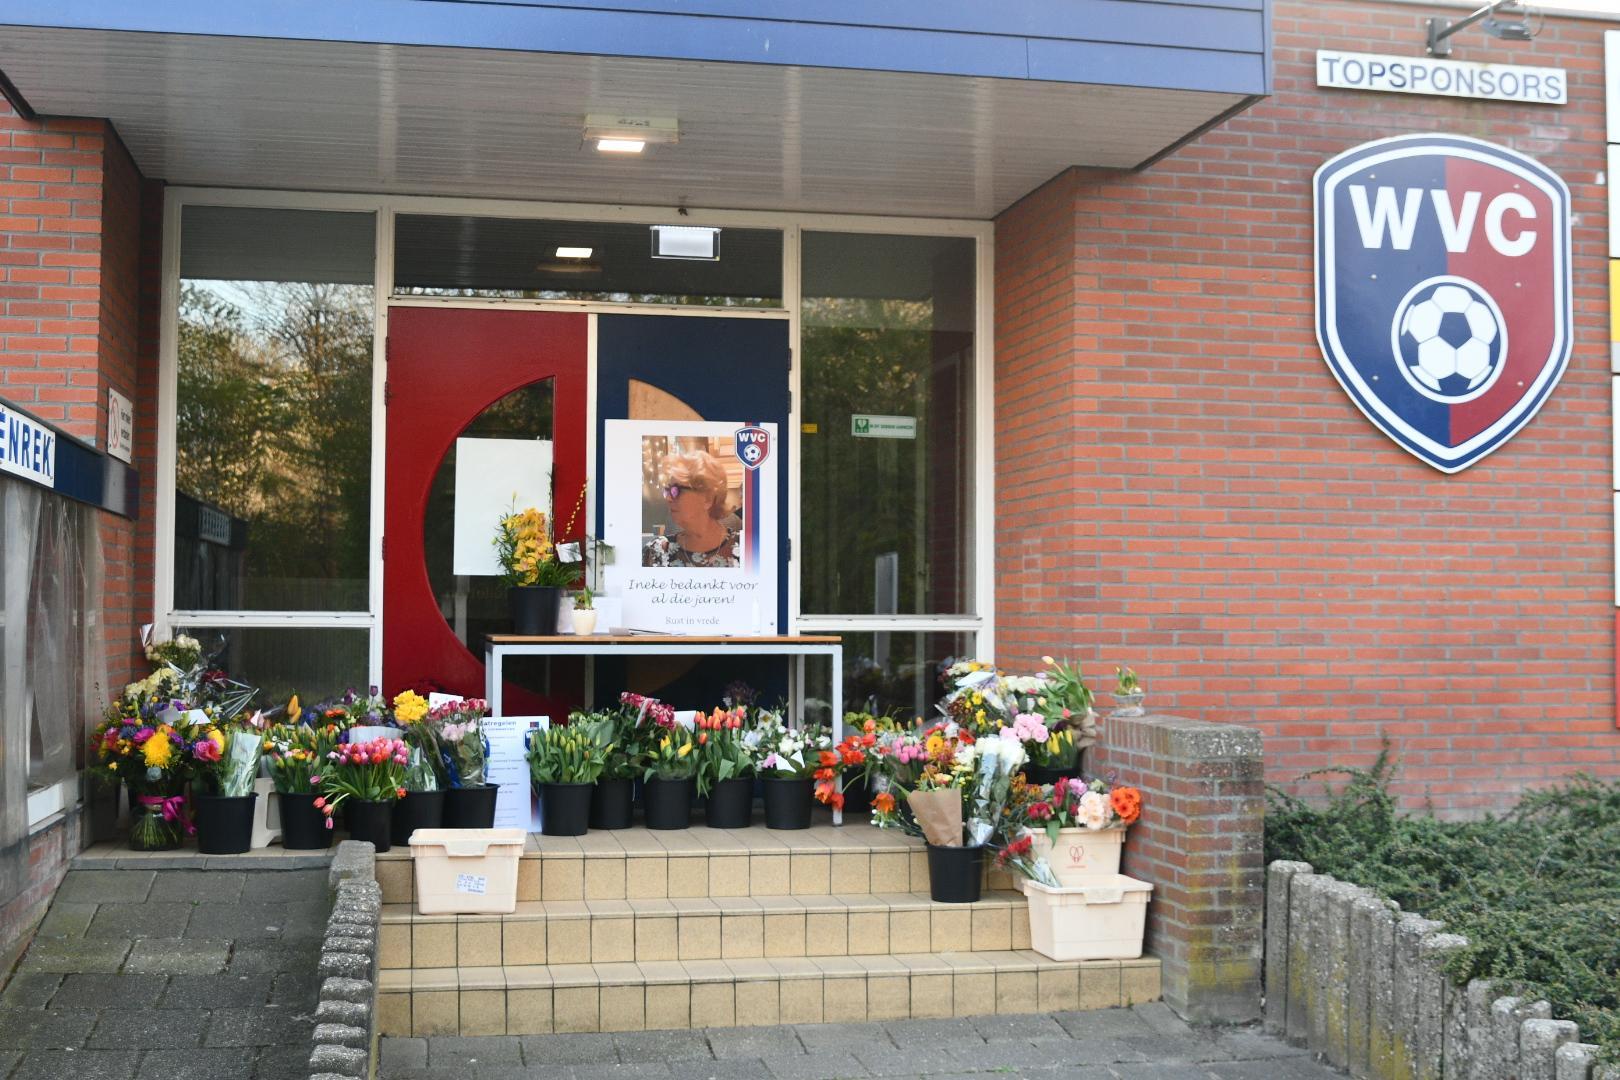 Spontane gedenkplek bij kantine voetbalclub WVC voor coronaslachtoffer Ineke de Jong